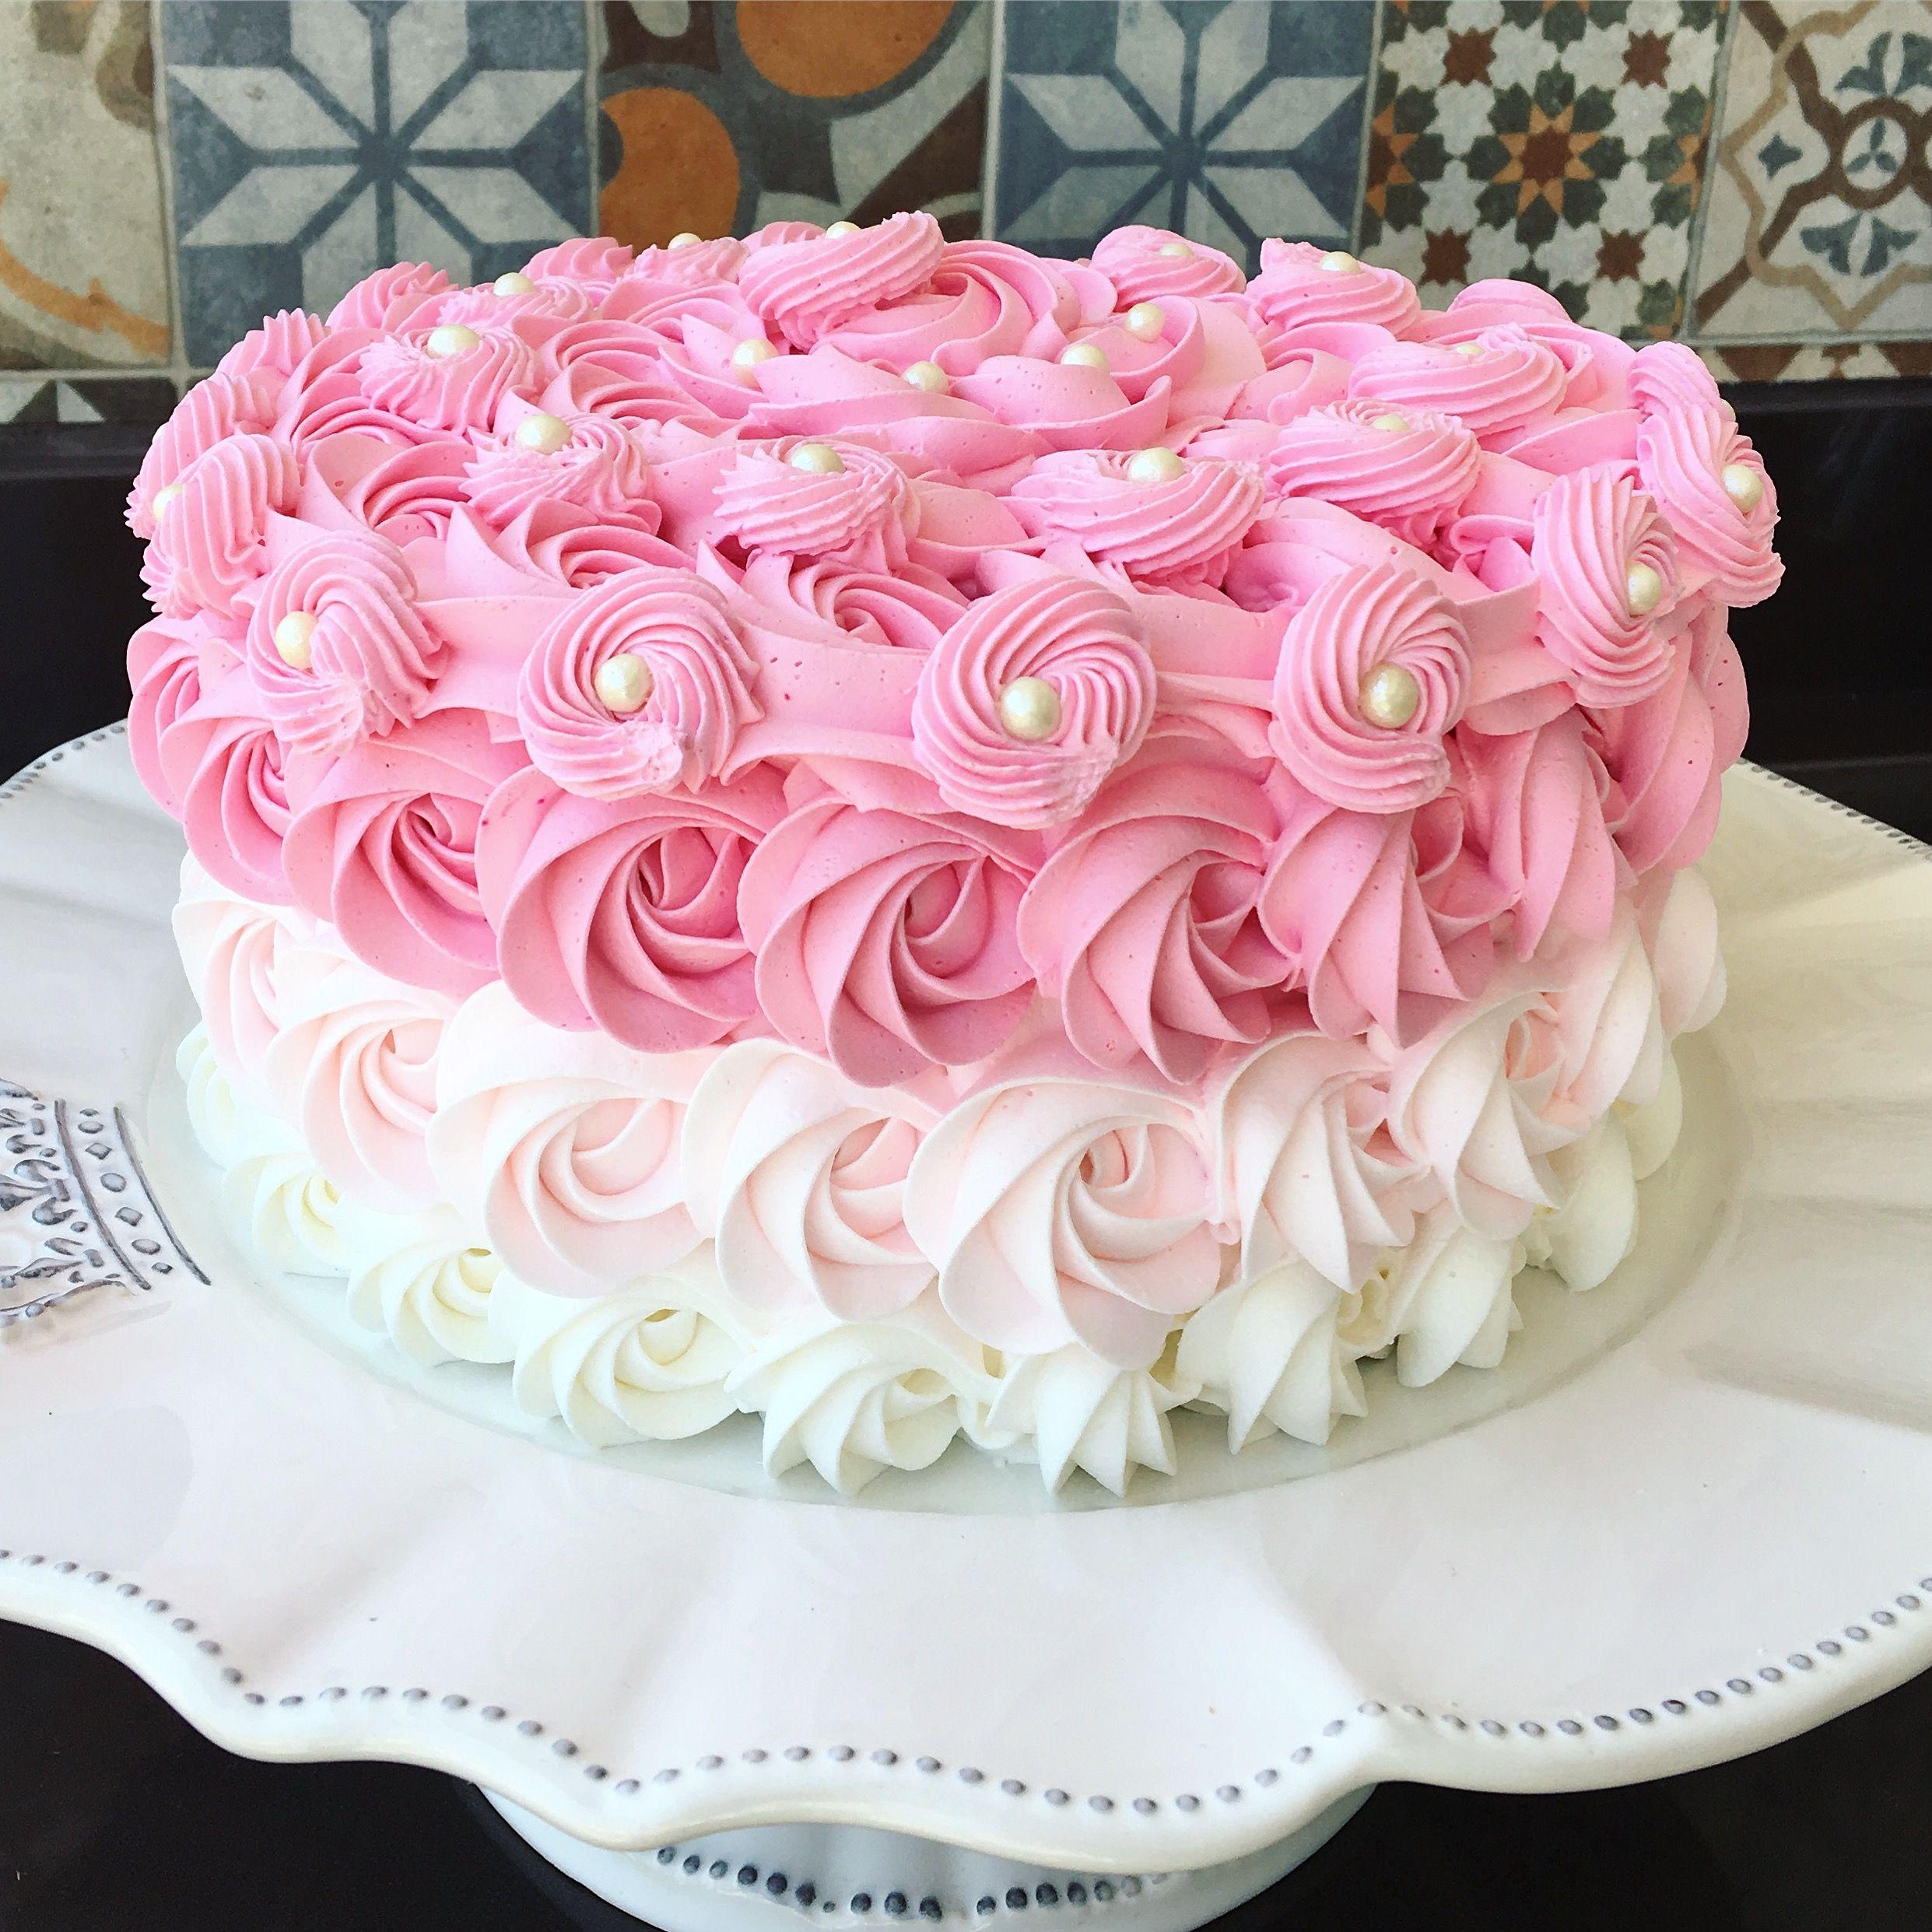 цеткин, торты масляные на день рождения фото их, когда захотите